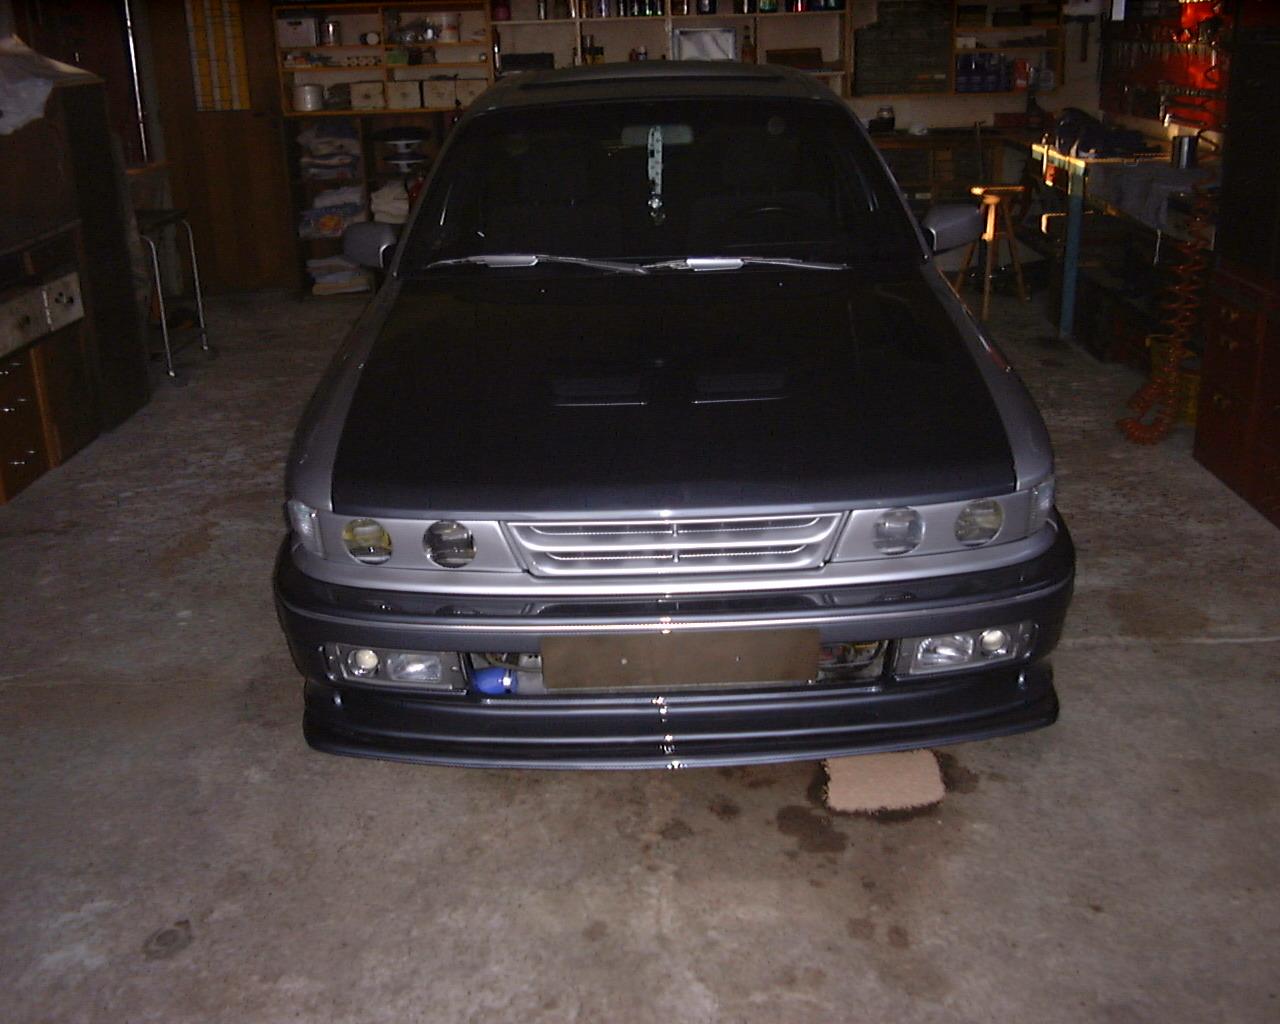 mit-nye-projekt-i-2006-66